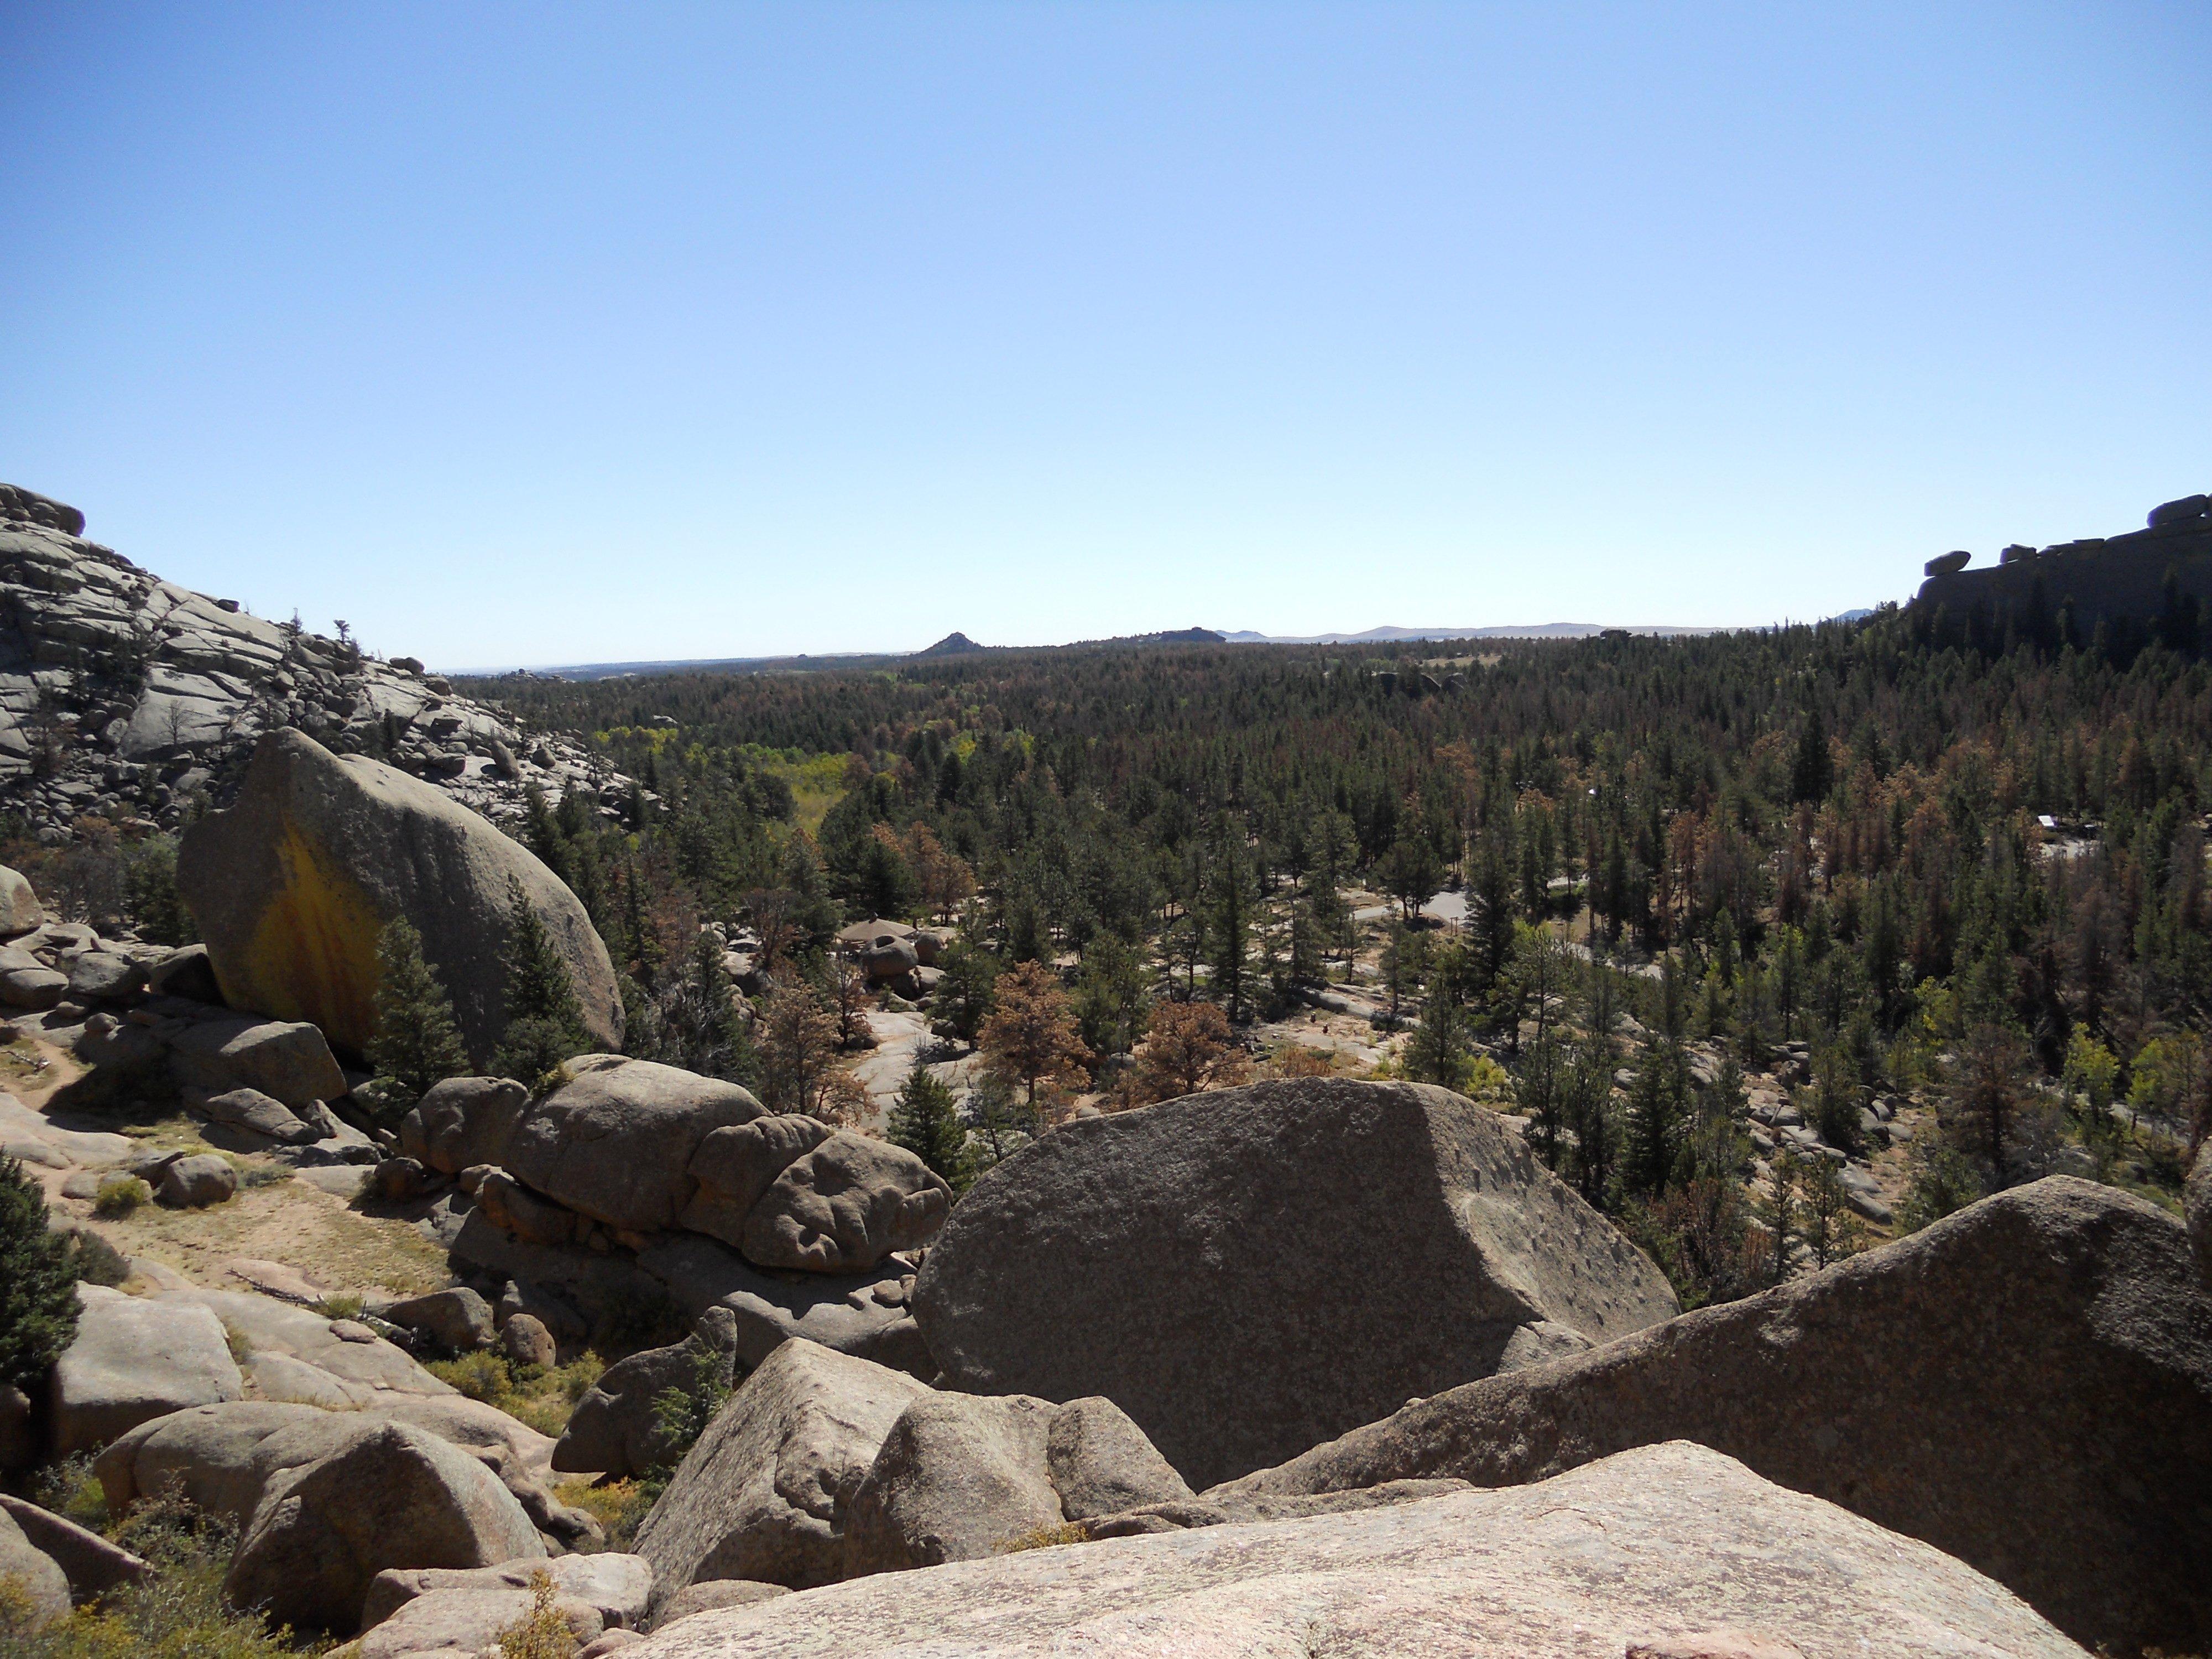 Gimps on Rock in Vedauwoo, Wyoming - Osprey Packs Experience